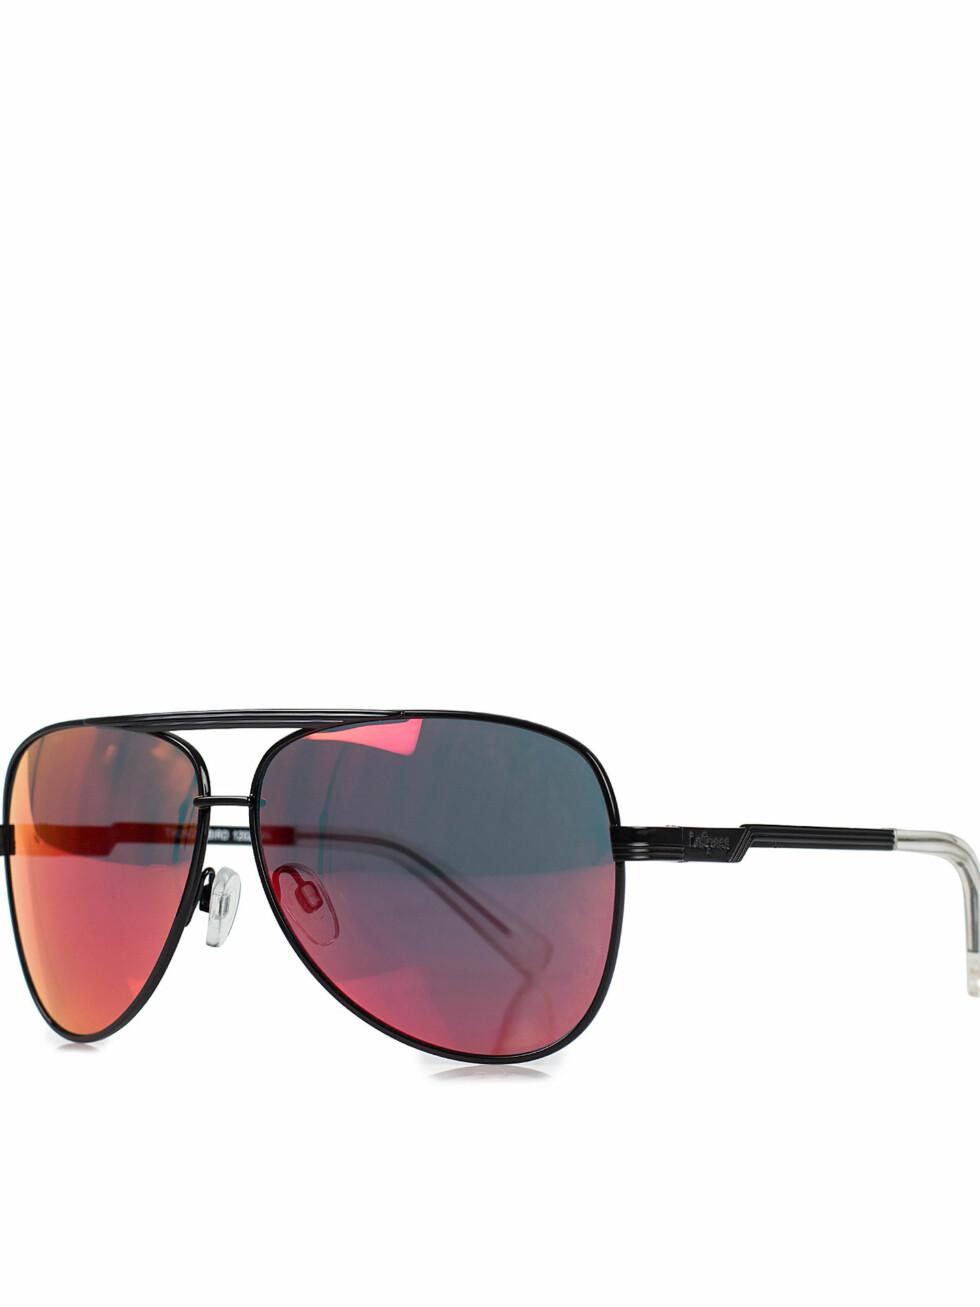 Solbriller fra Le Specs via Nelly.com, 549 kr. Foto: Nelly.com